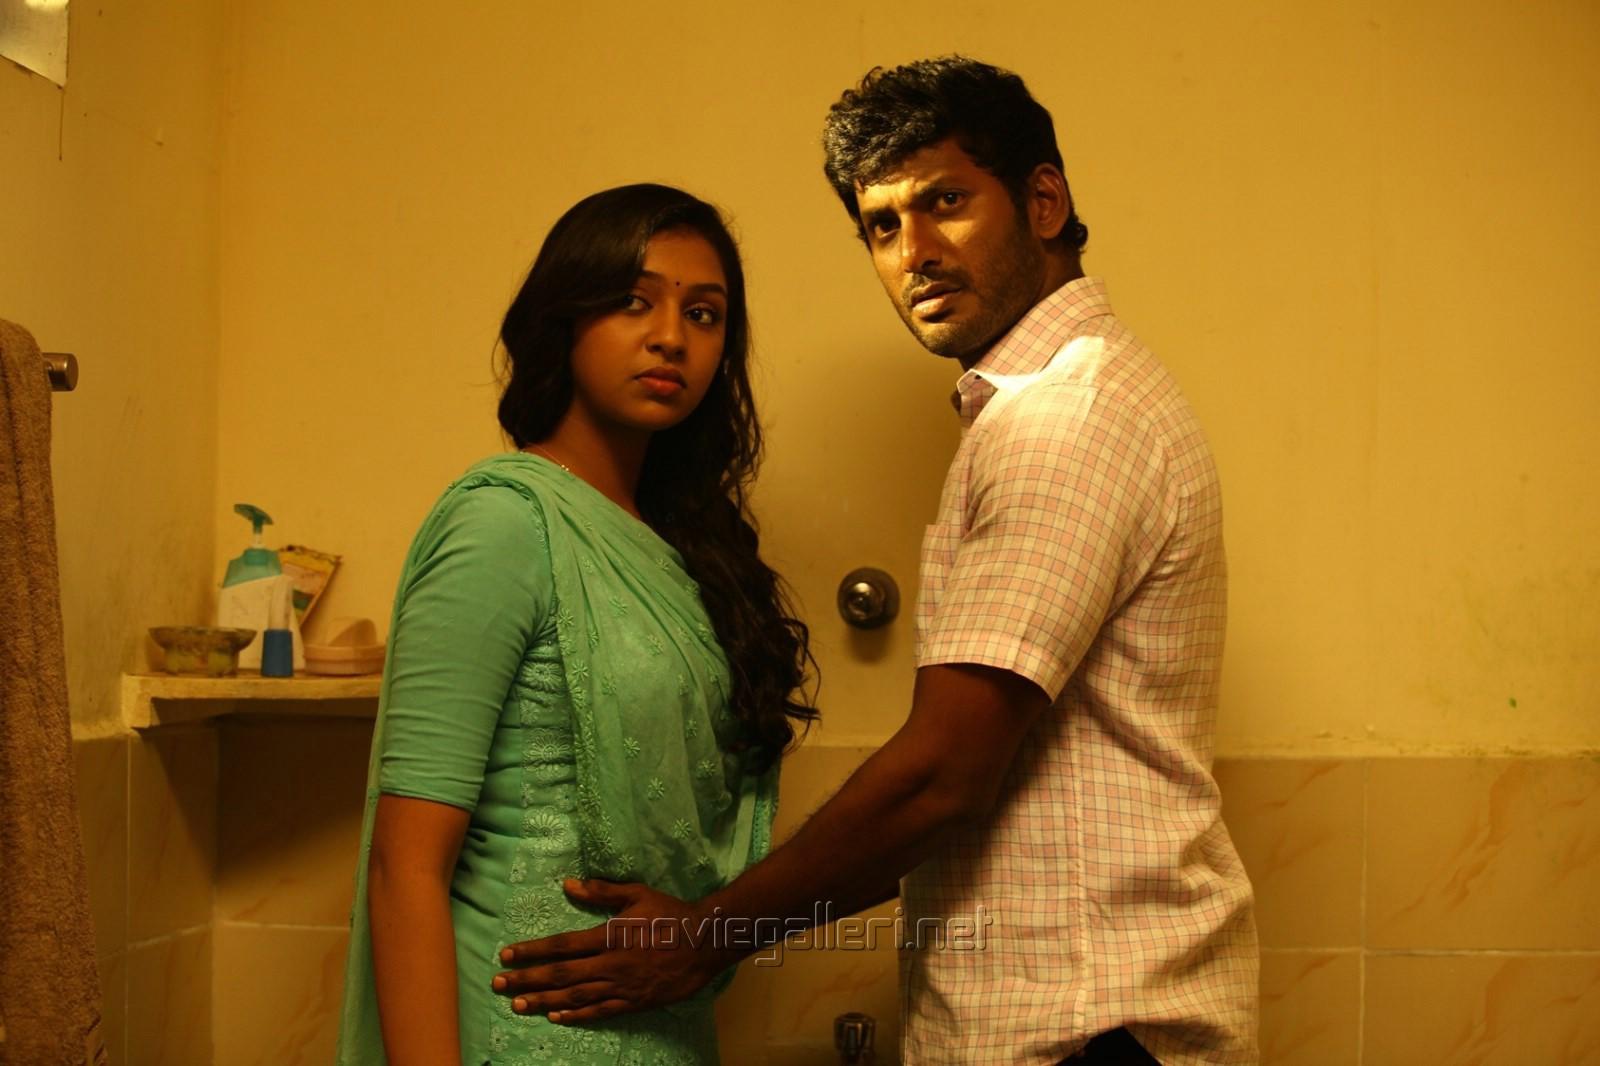 Picture 689536 | Lakshmi Menon, Vishal in Naan Sigappu ... Naan Sigappu Manithan Lakshmi Menon Hot Stills